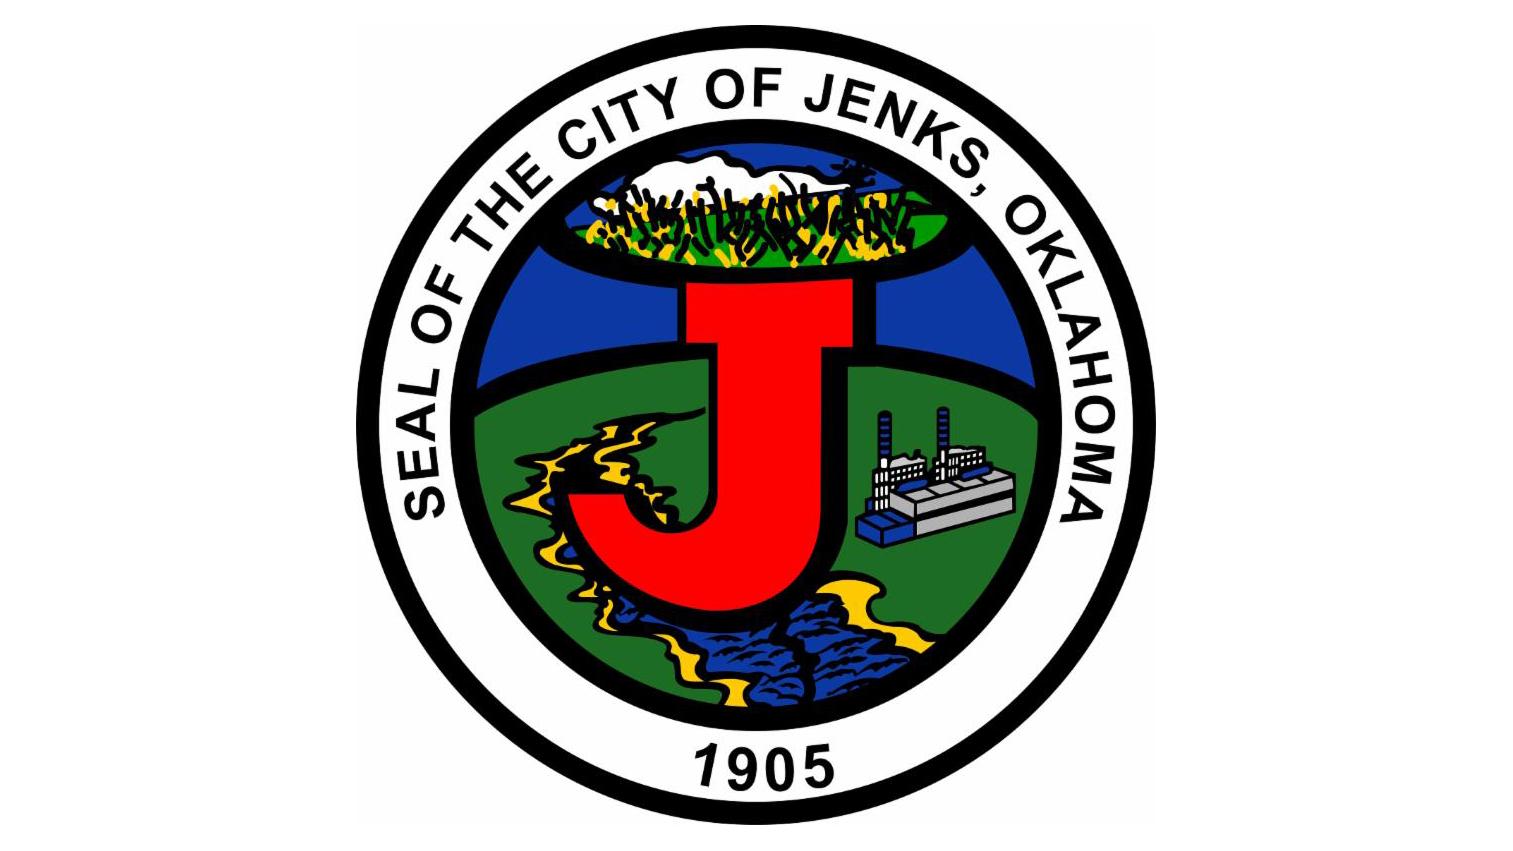 City seal for Jenks, Oklahoma